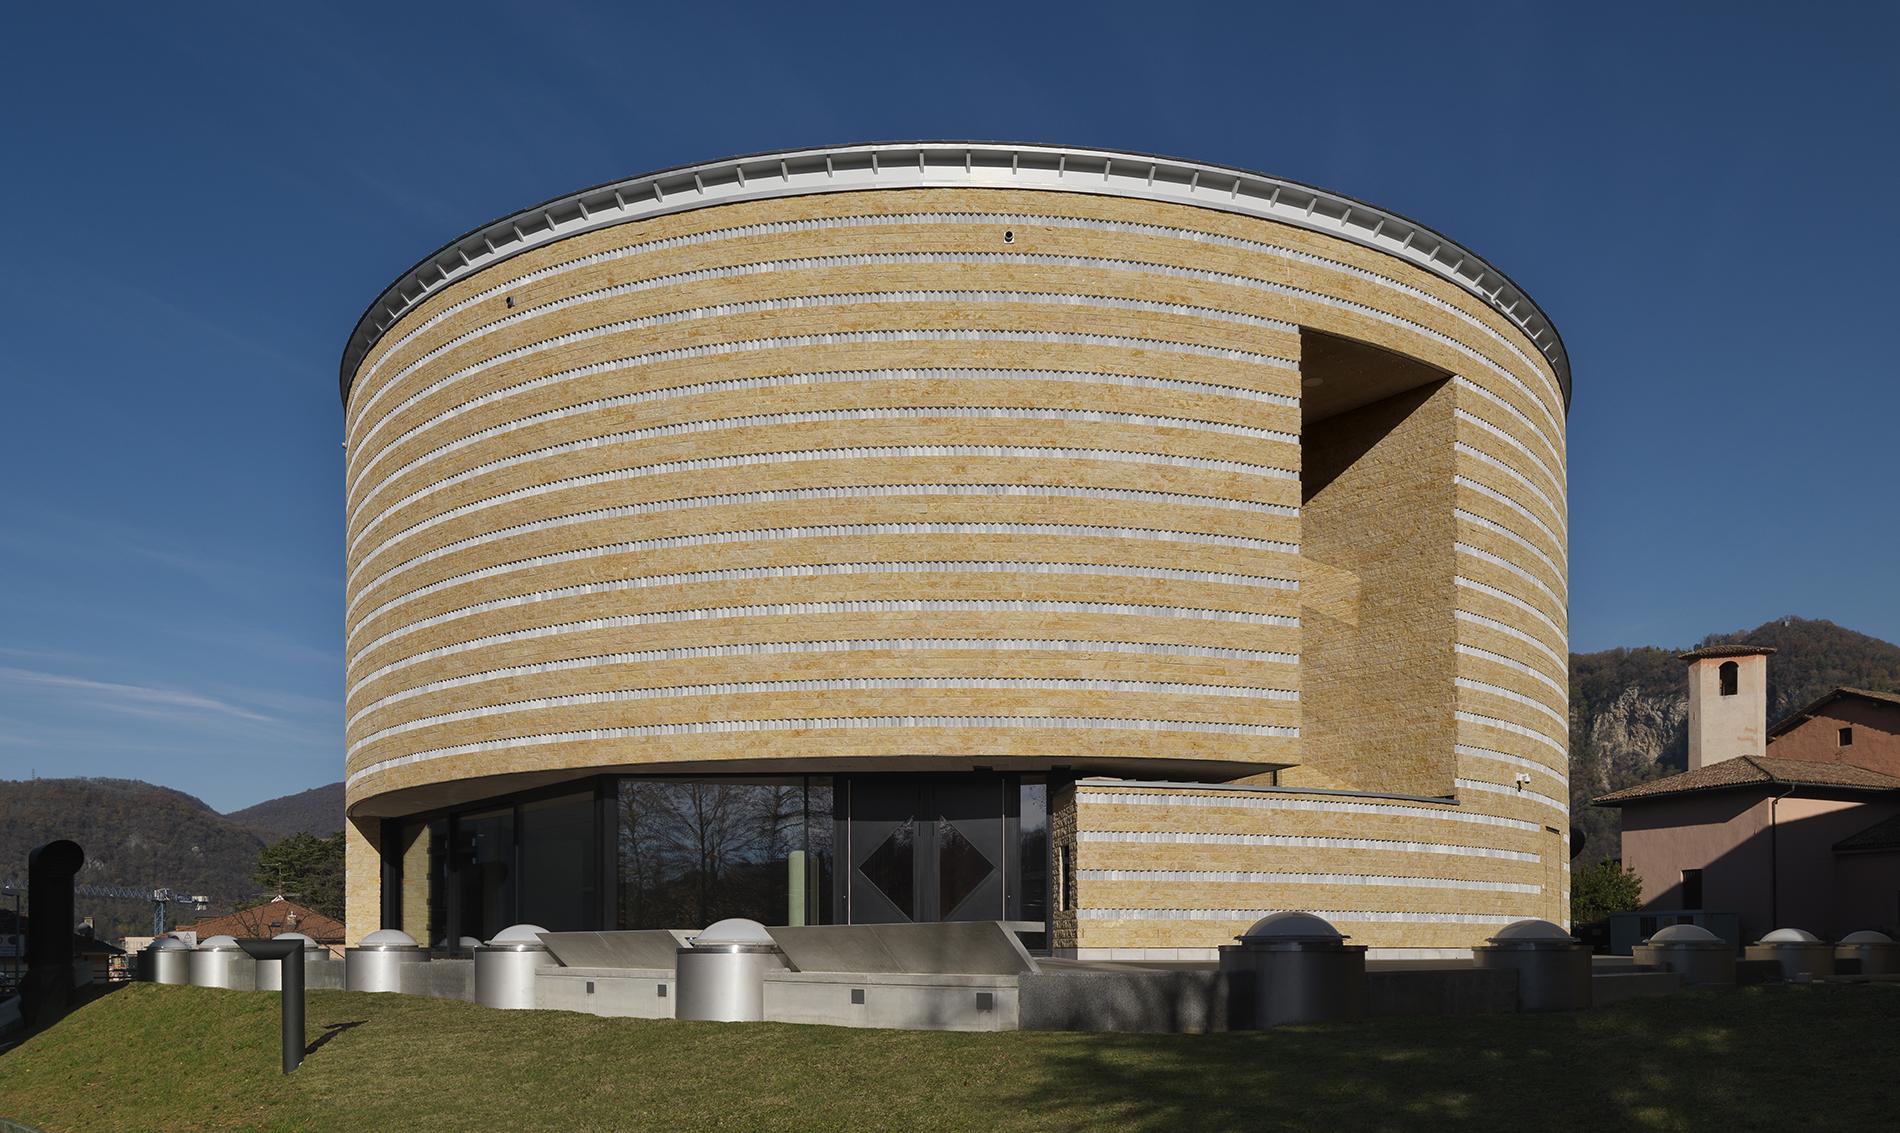 Mario Botta, Museo dell'Architettura, Mendrisio, 2018